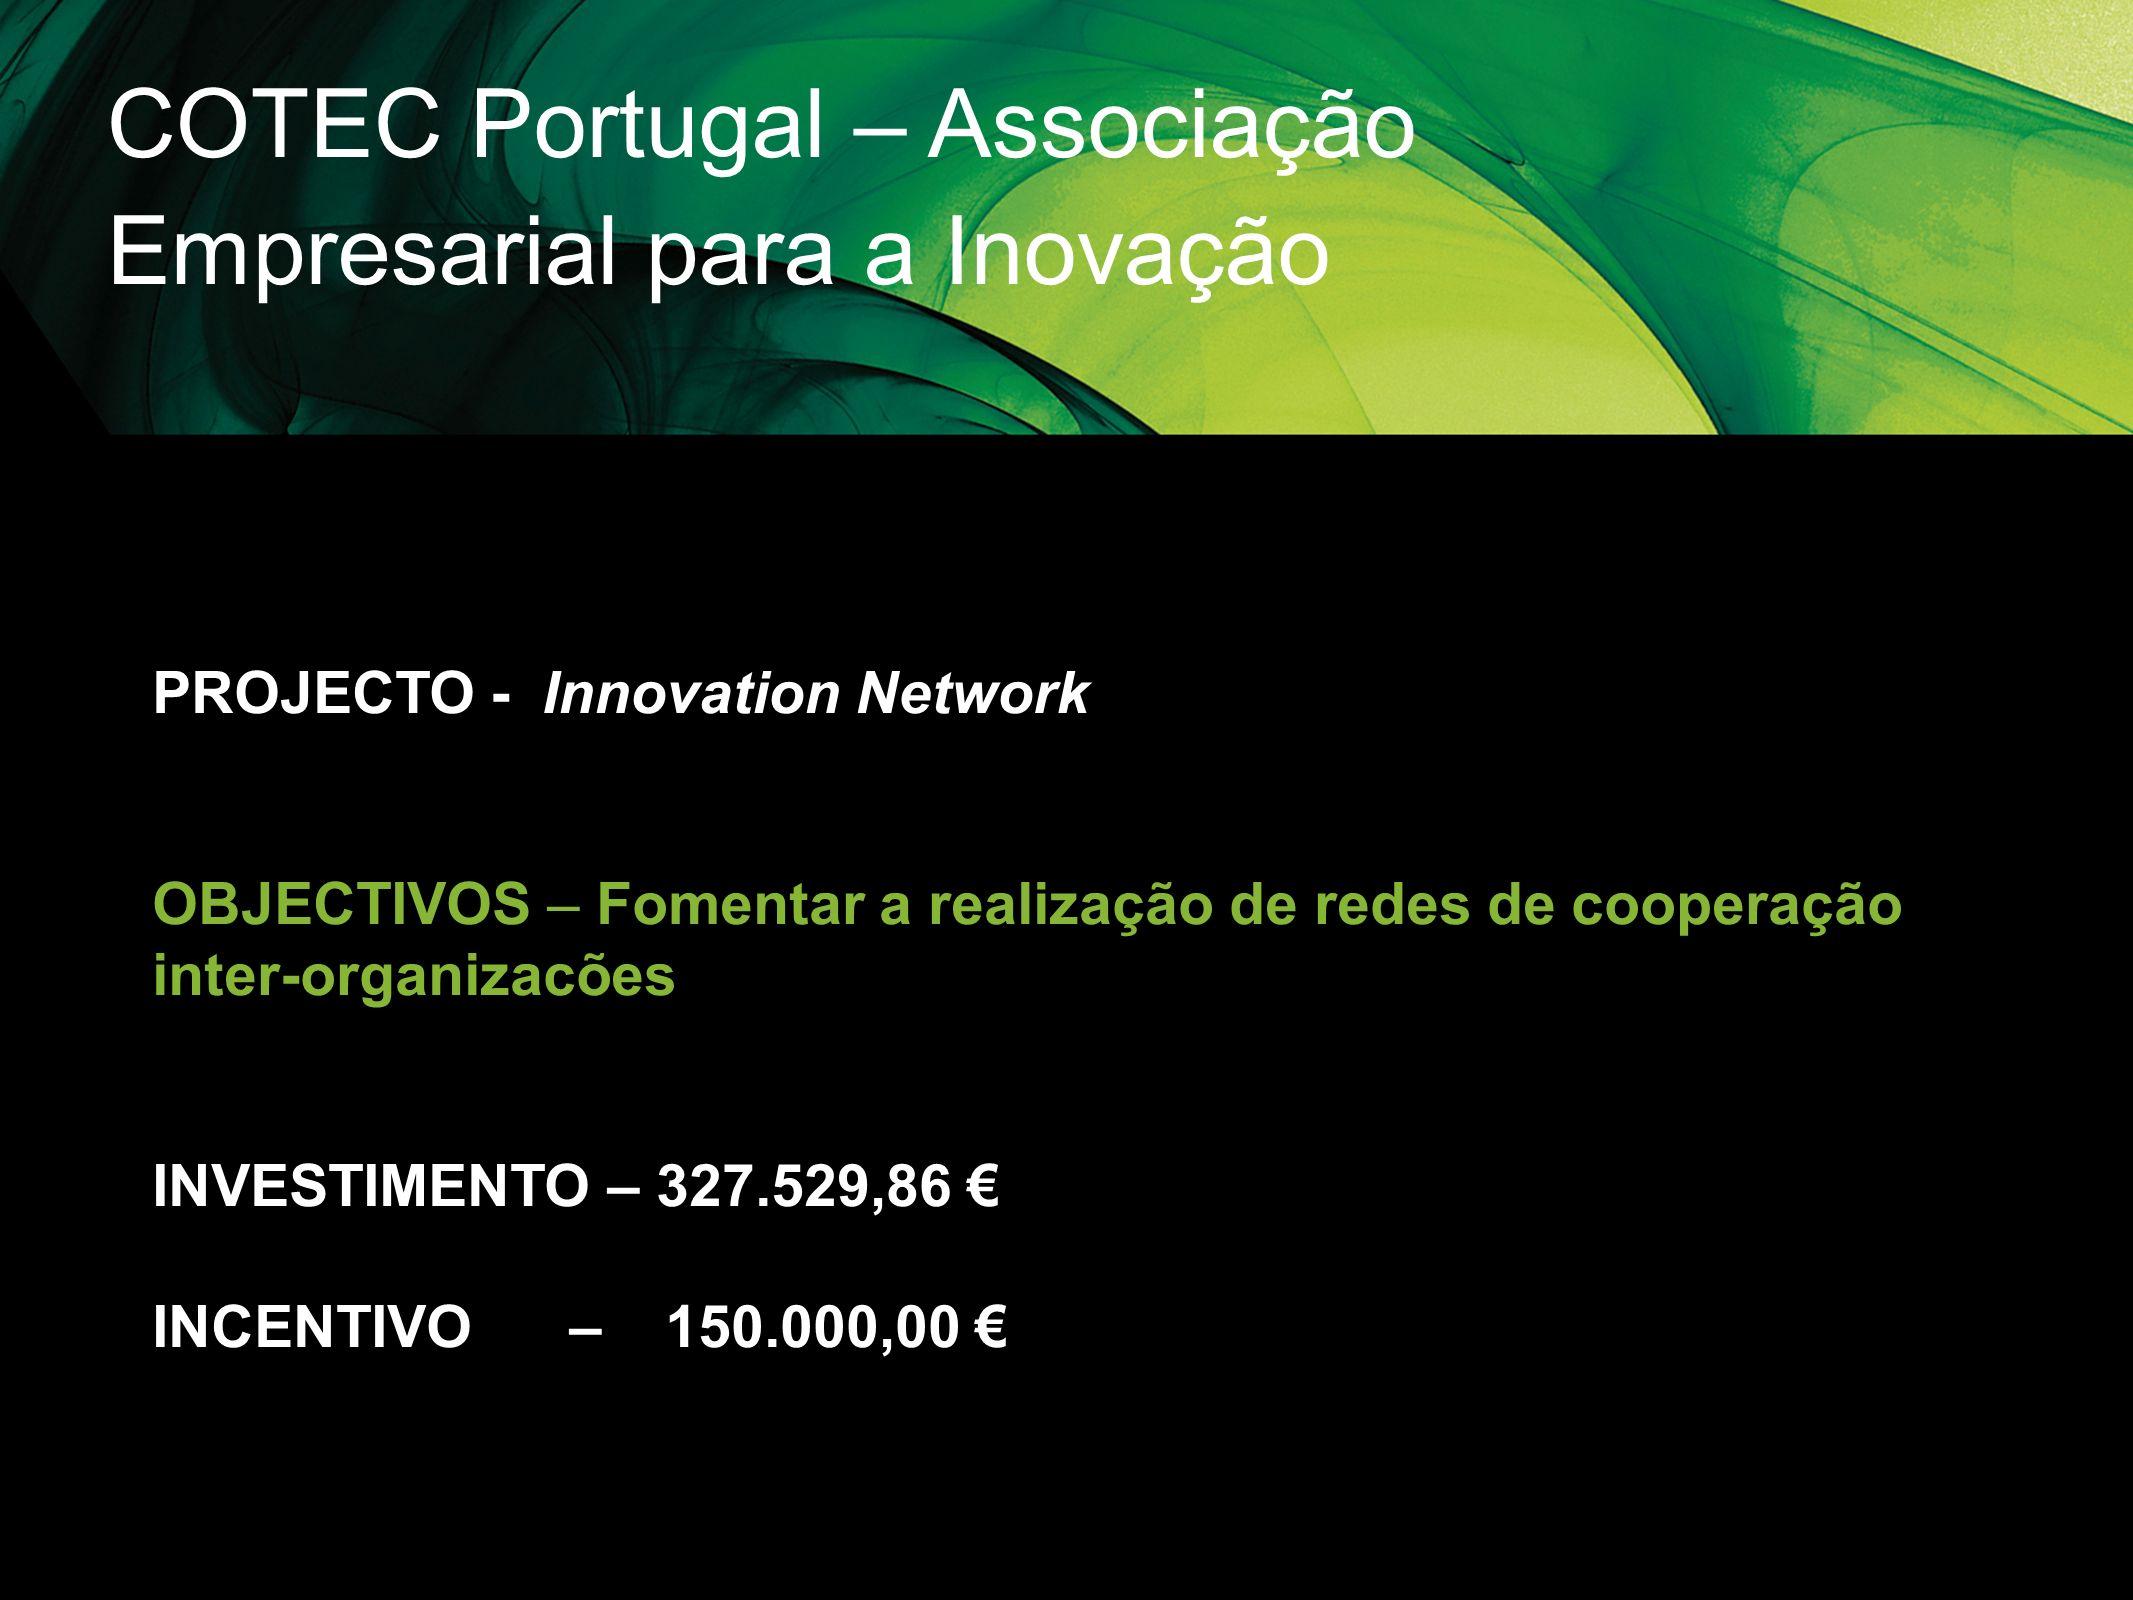 COTEC Portugal – Associação Empresarial para a Inovação PROJECTO - Innovation Network OBJECTIVOS – Fomentar a realização de redes de cooperação inter-